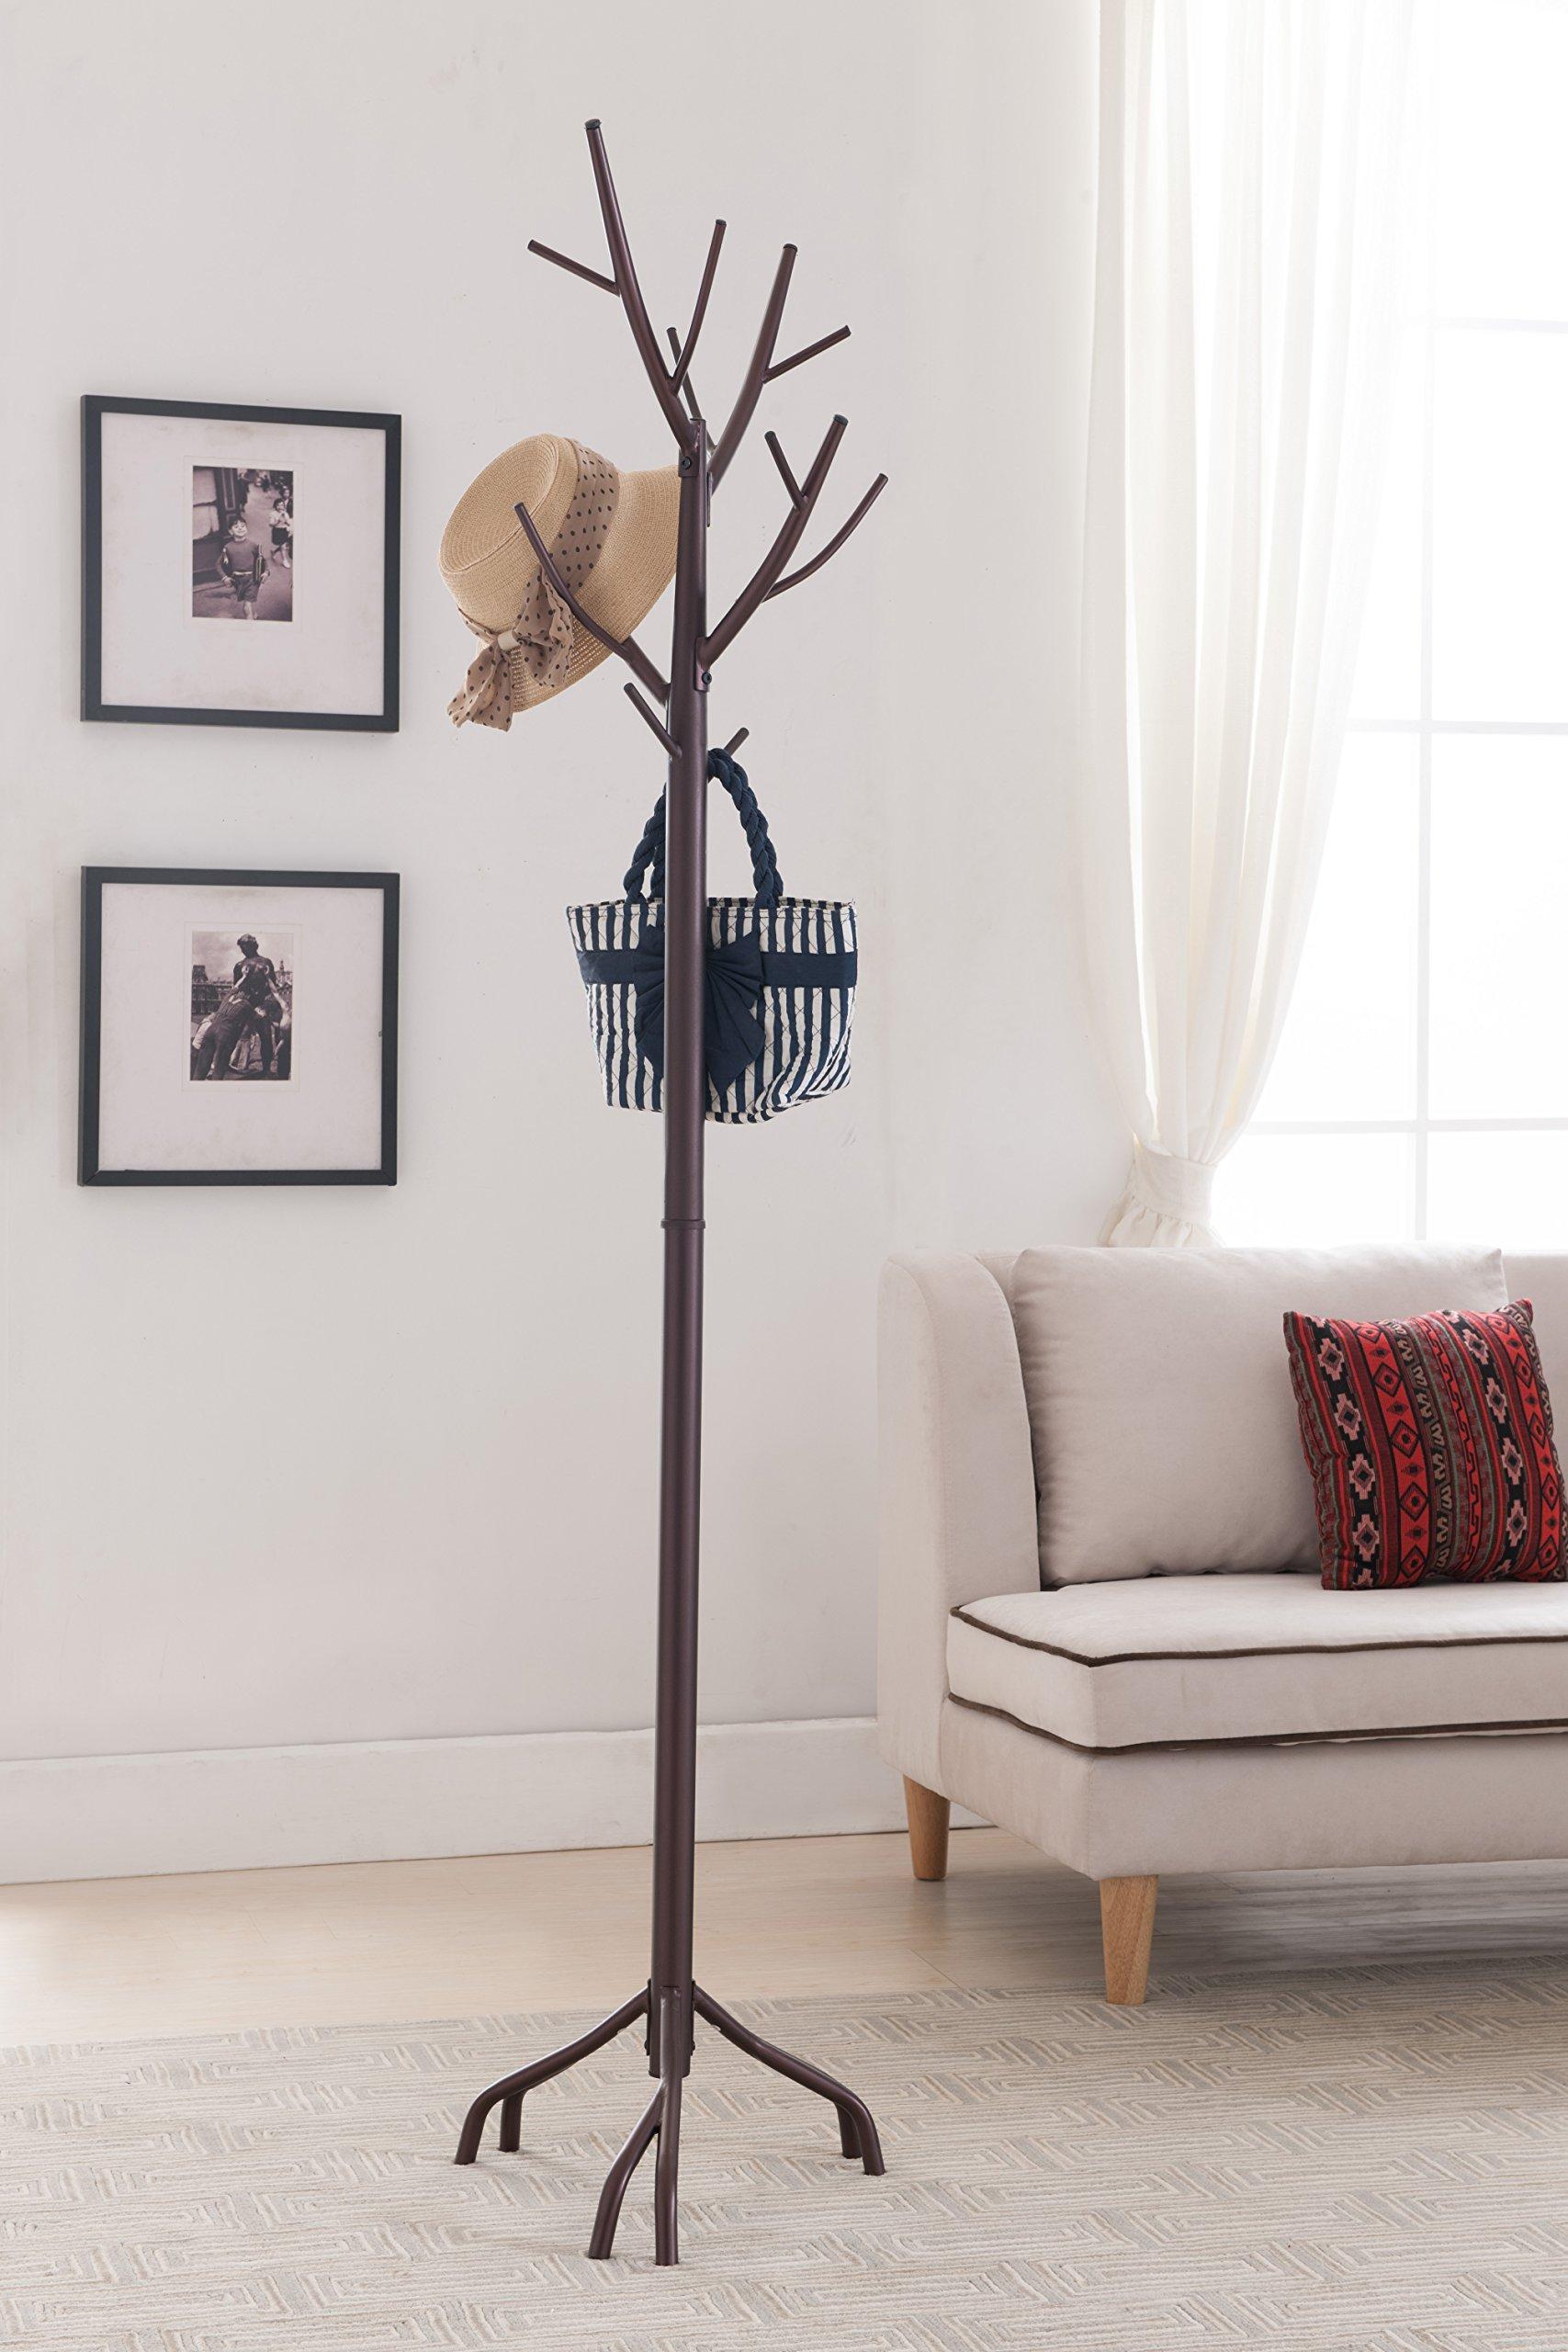 Burley Bronze Metal 14 Hook Entryway Twig Branches Coat & Hat Rack Display Stand